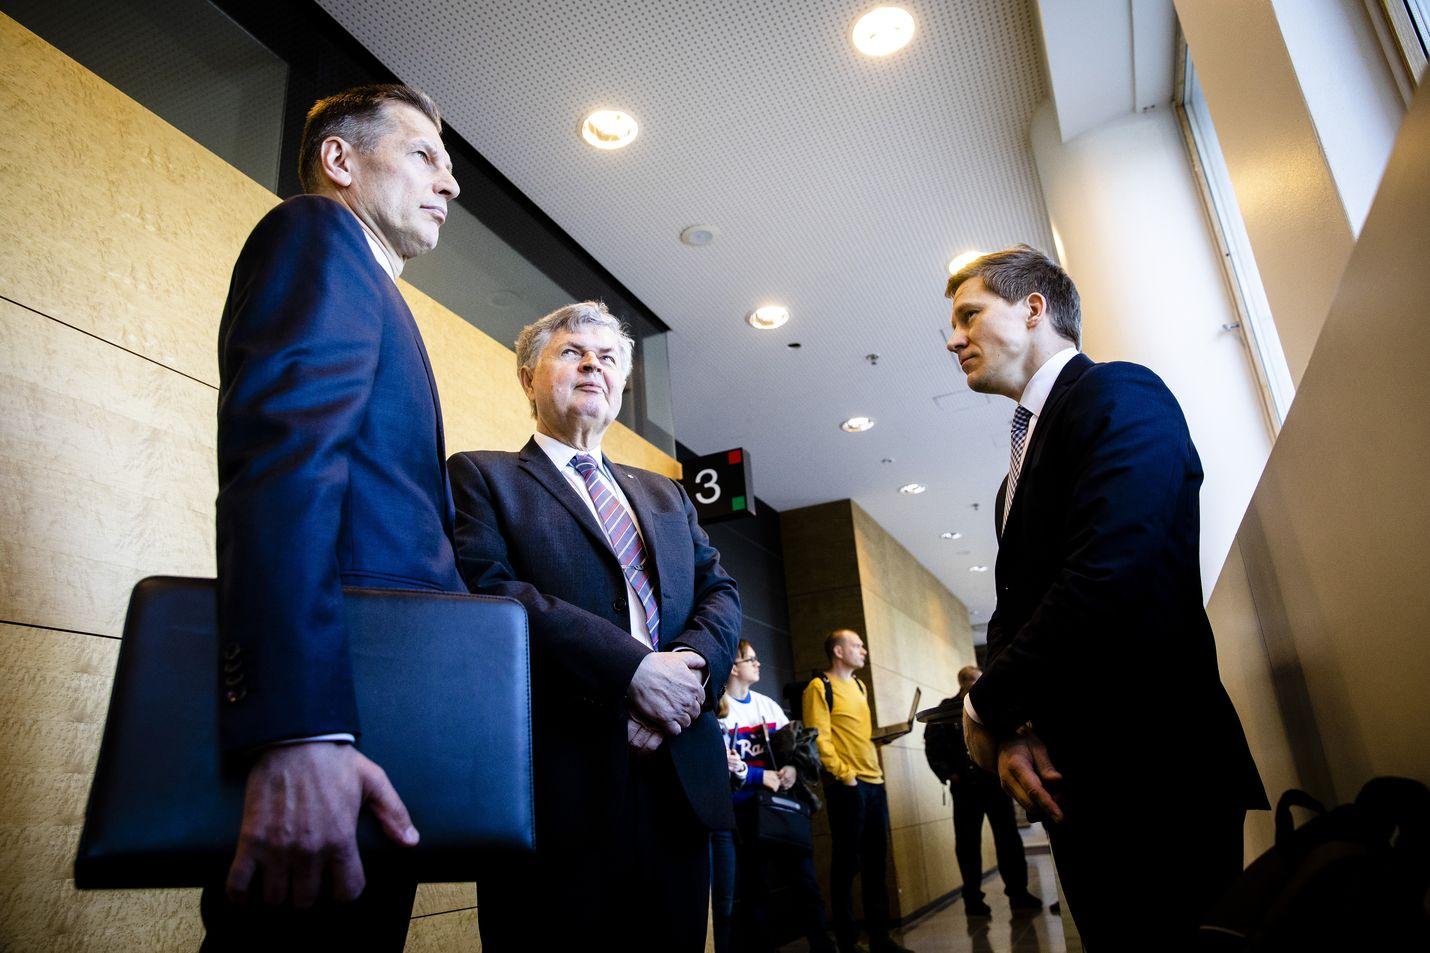 Ilmavoimien entinen komentaja, kenraalimajuri Sampo Eskelinen, puolustusasianajaja Heikki Maunila (keskellä) ja syyttäjä Sampsa Hakala (oikealla) kohtasivat hovioikeudessa toukokuussa.